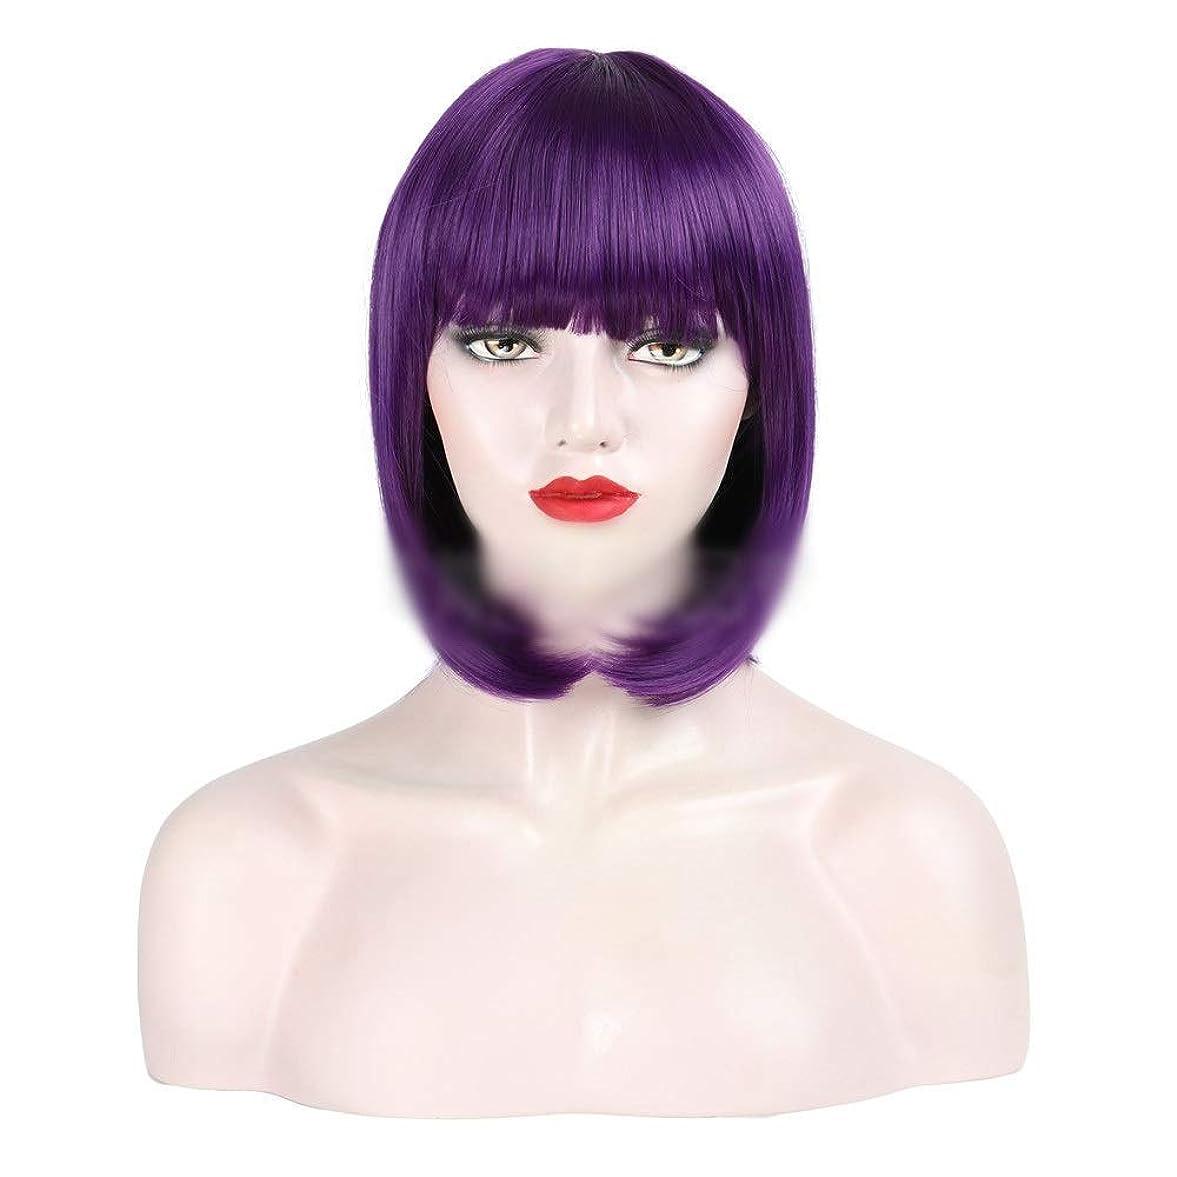 争い鉄道駅ラリーYESONEEP コスプレウィッグパープルヘアボブウィッグショートヘア前髪付きナチュラルストレート女性レディースパーティーウィッグ (Color : Purple)